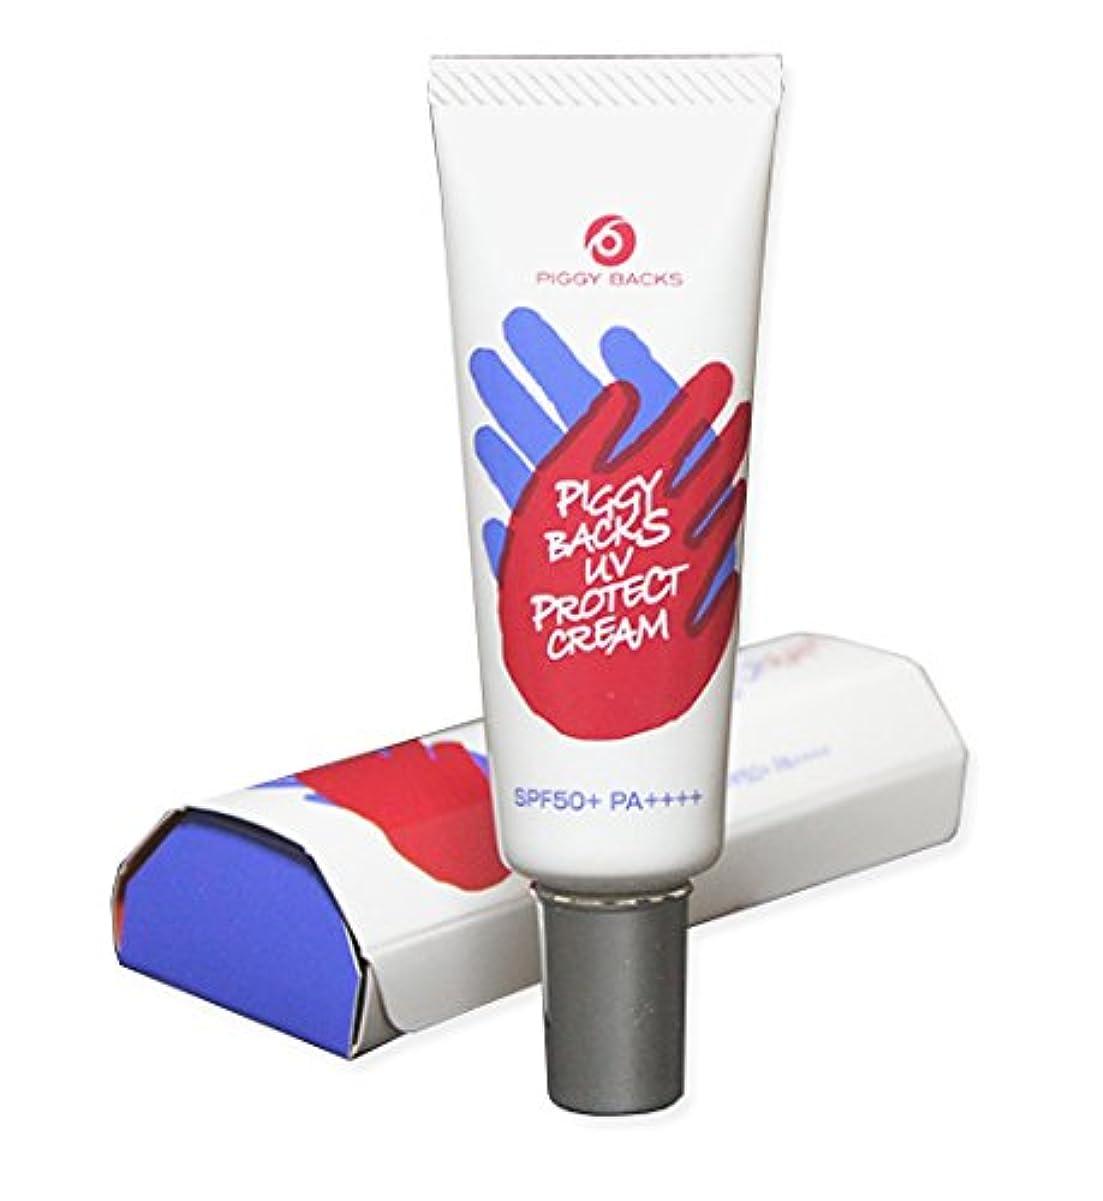 バンドル想像力偉業ピギーバックス UVプロテクトクリーム【SPF50+、PA++++】国内最高紫外線防御力なのにノンケミカルを実現!塗り直しがいらない日焼け止めクリーム